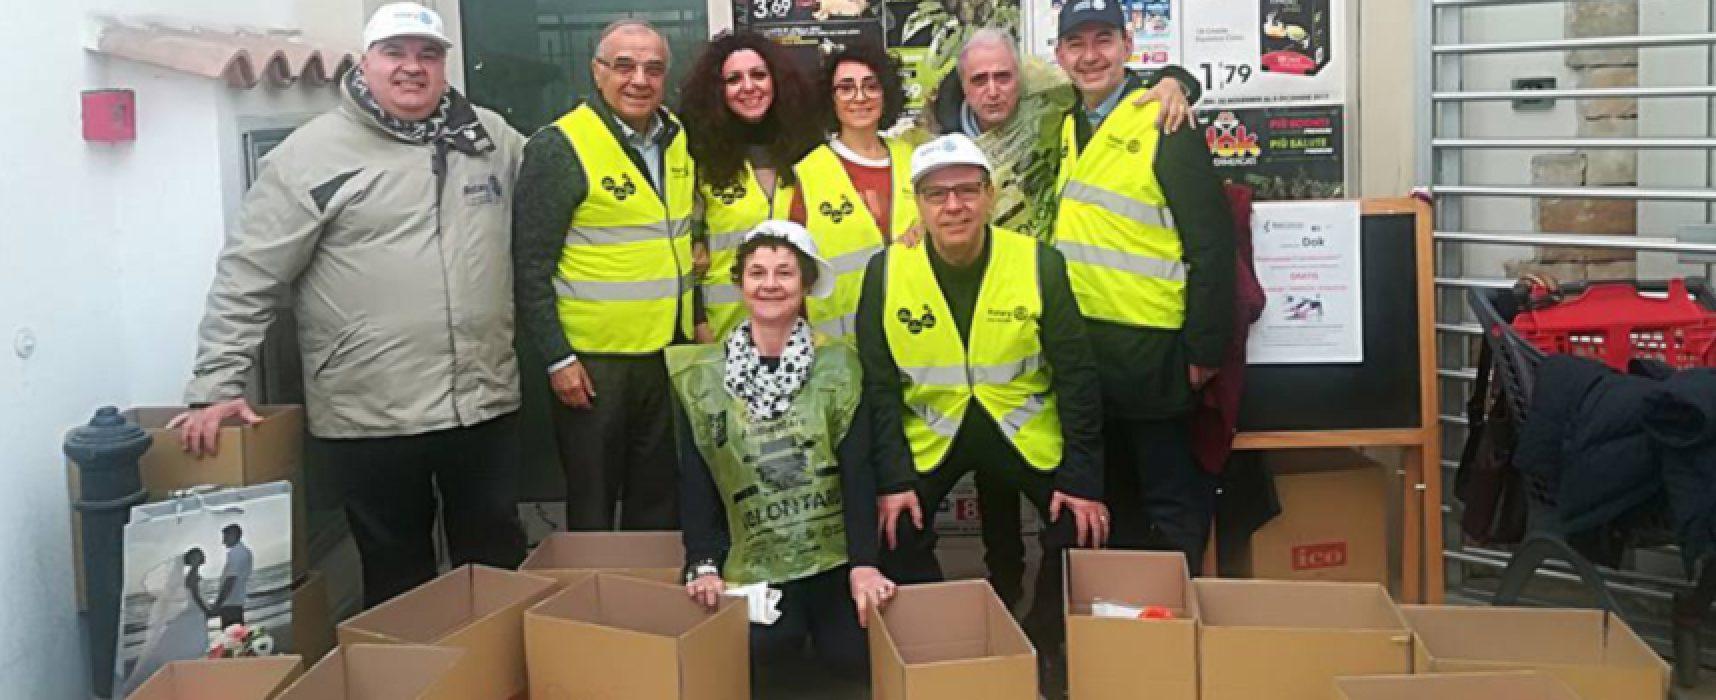 Giornata della Colletta alimentare, a Bisceglie raccolti 800 kg di alimenti / FOTO